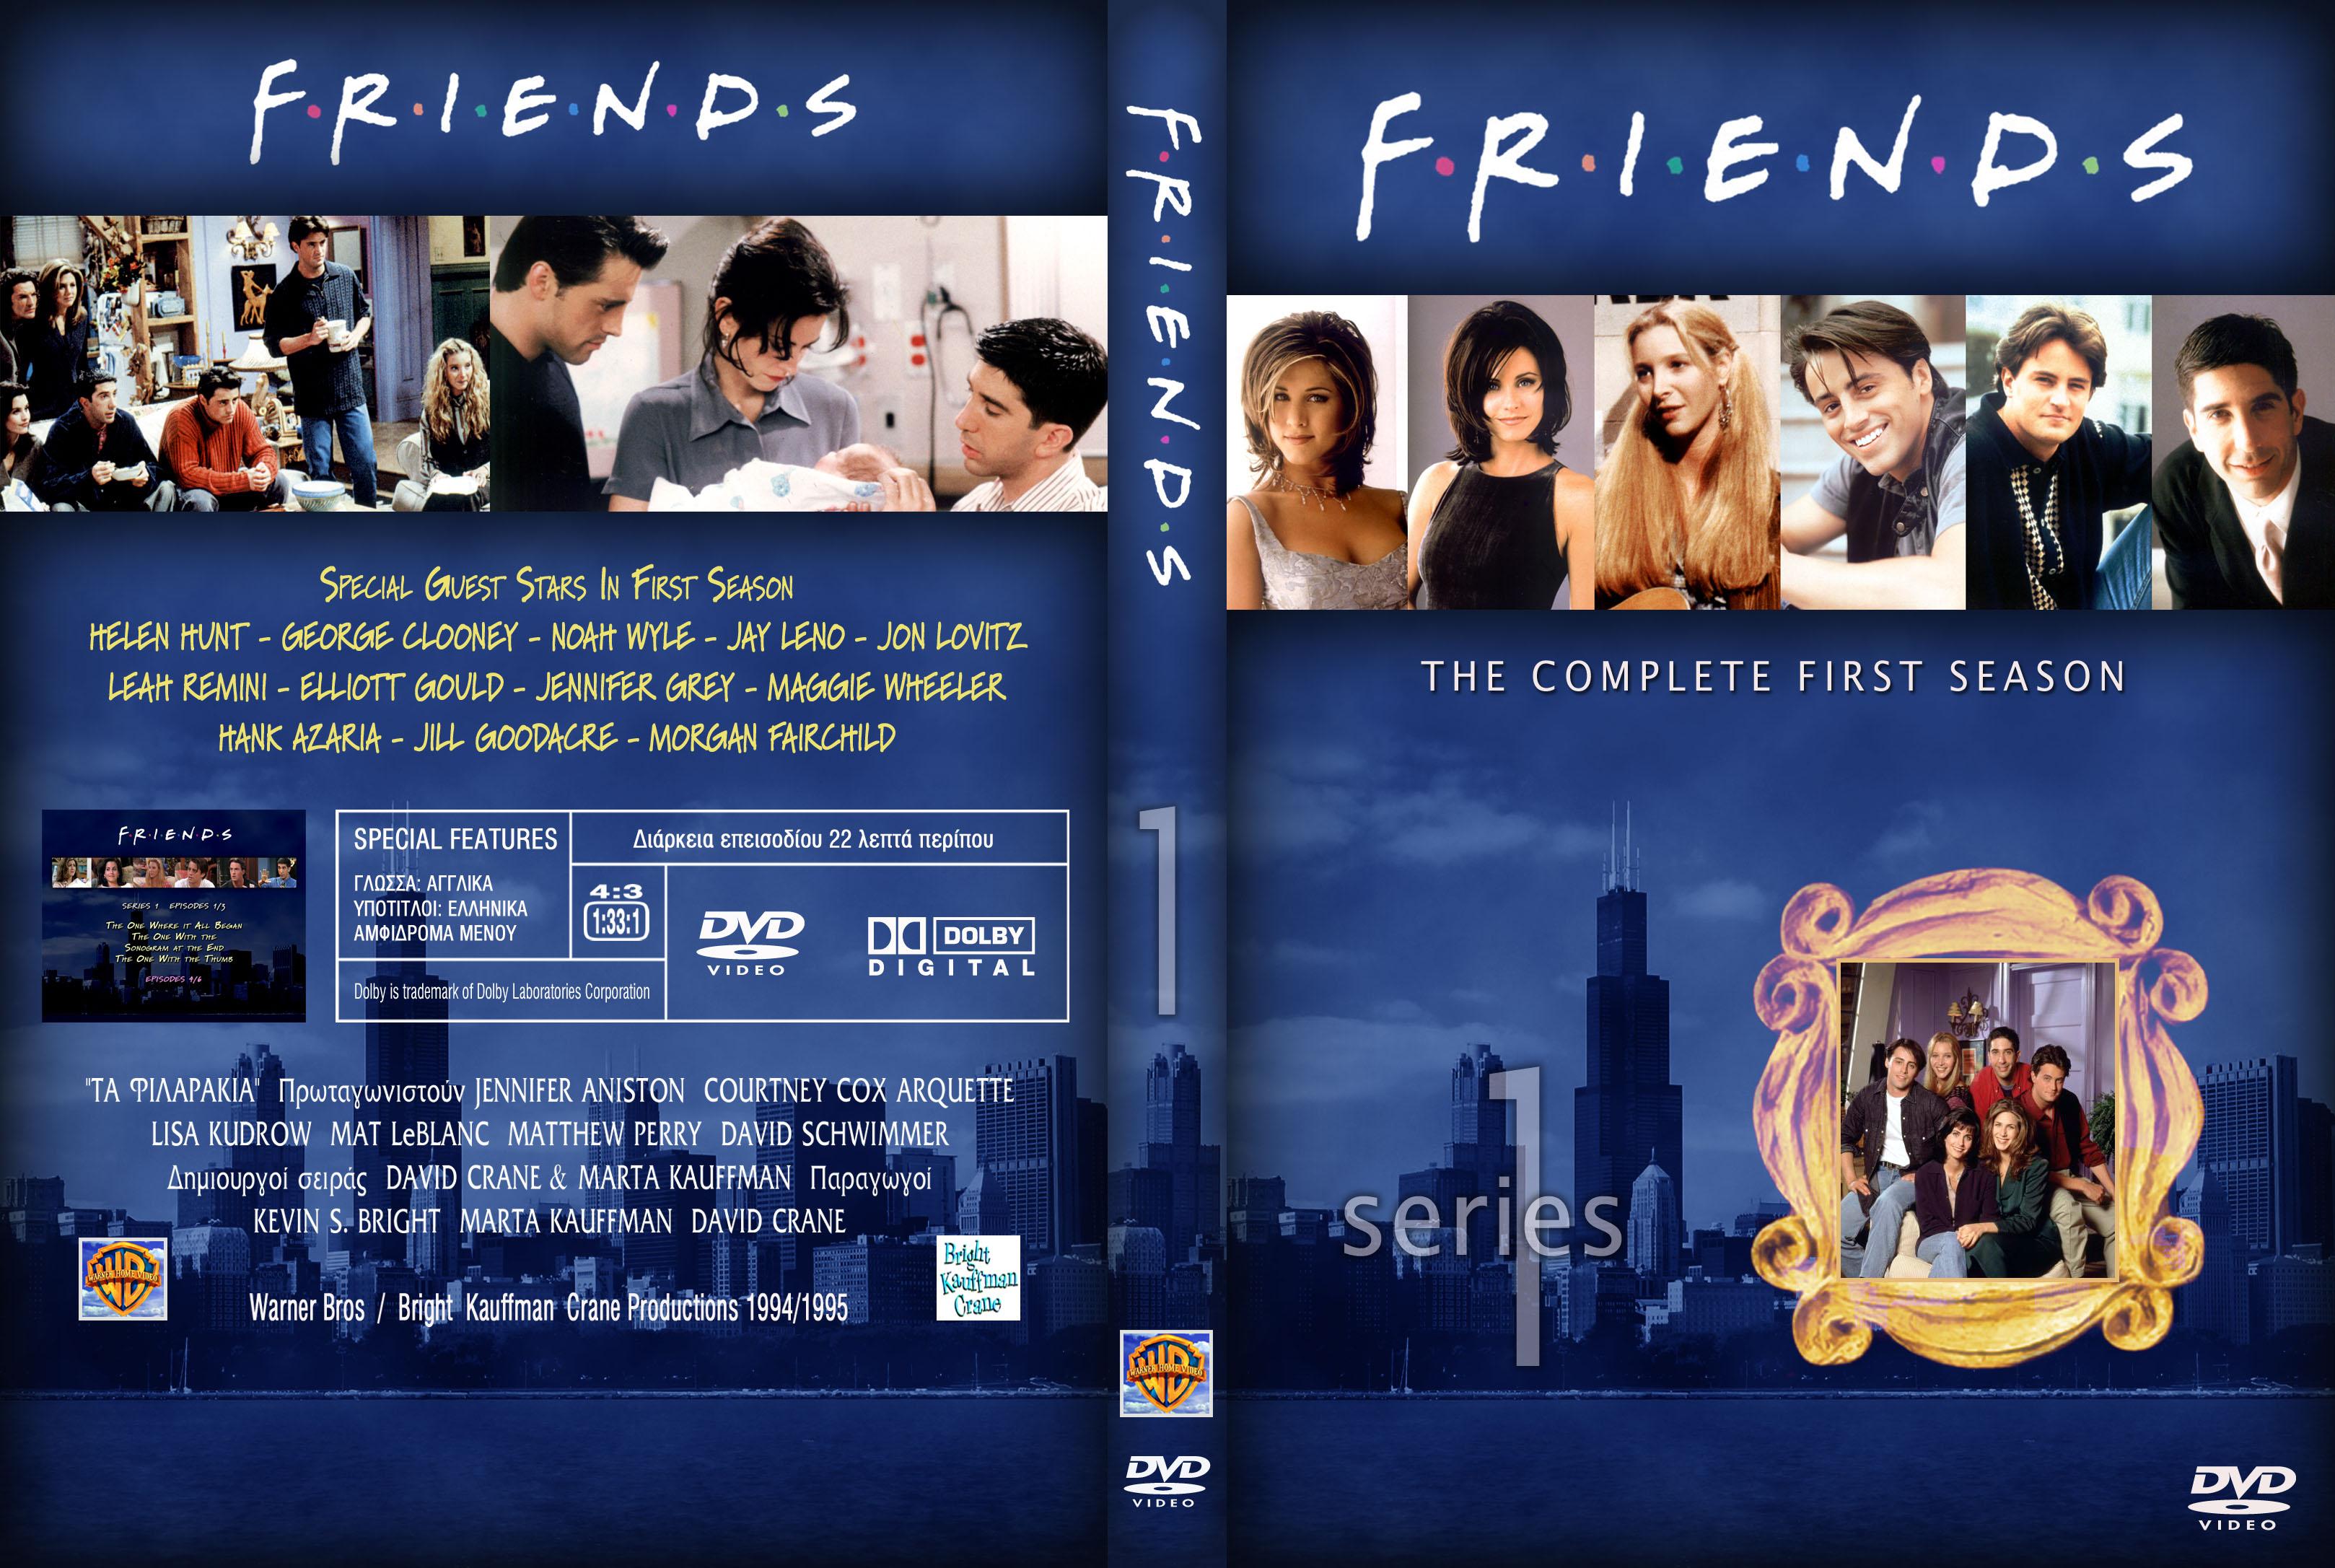 friends season 1 full download